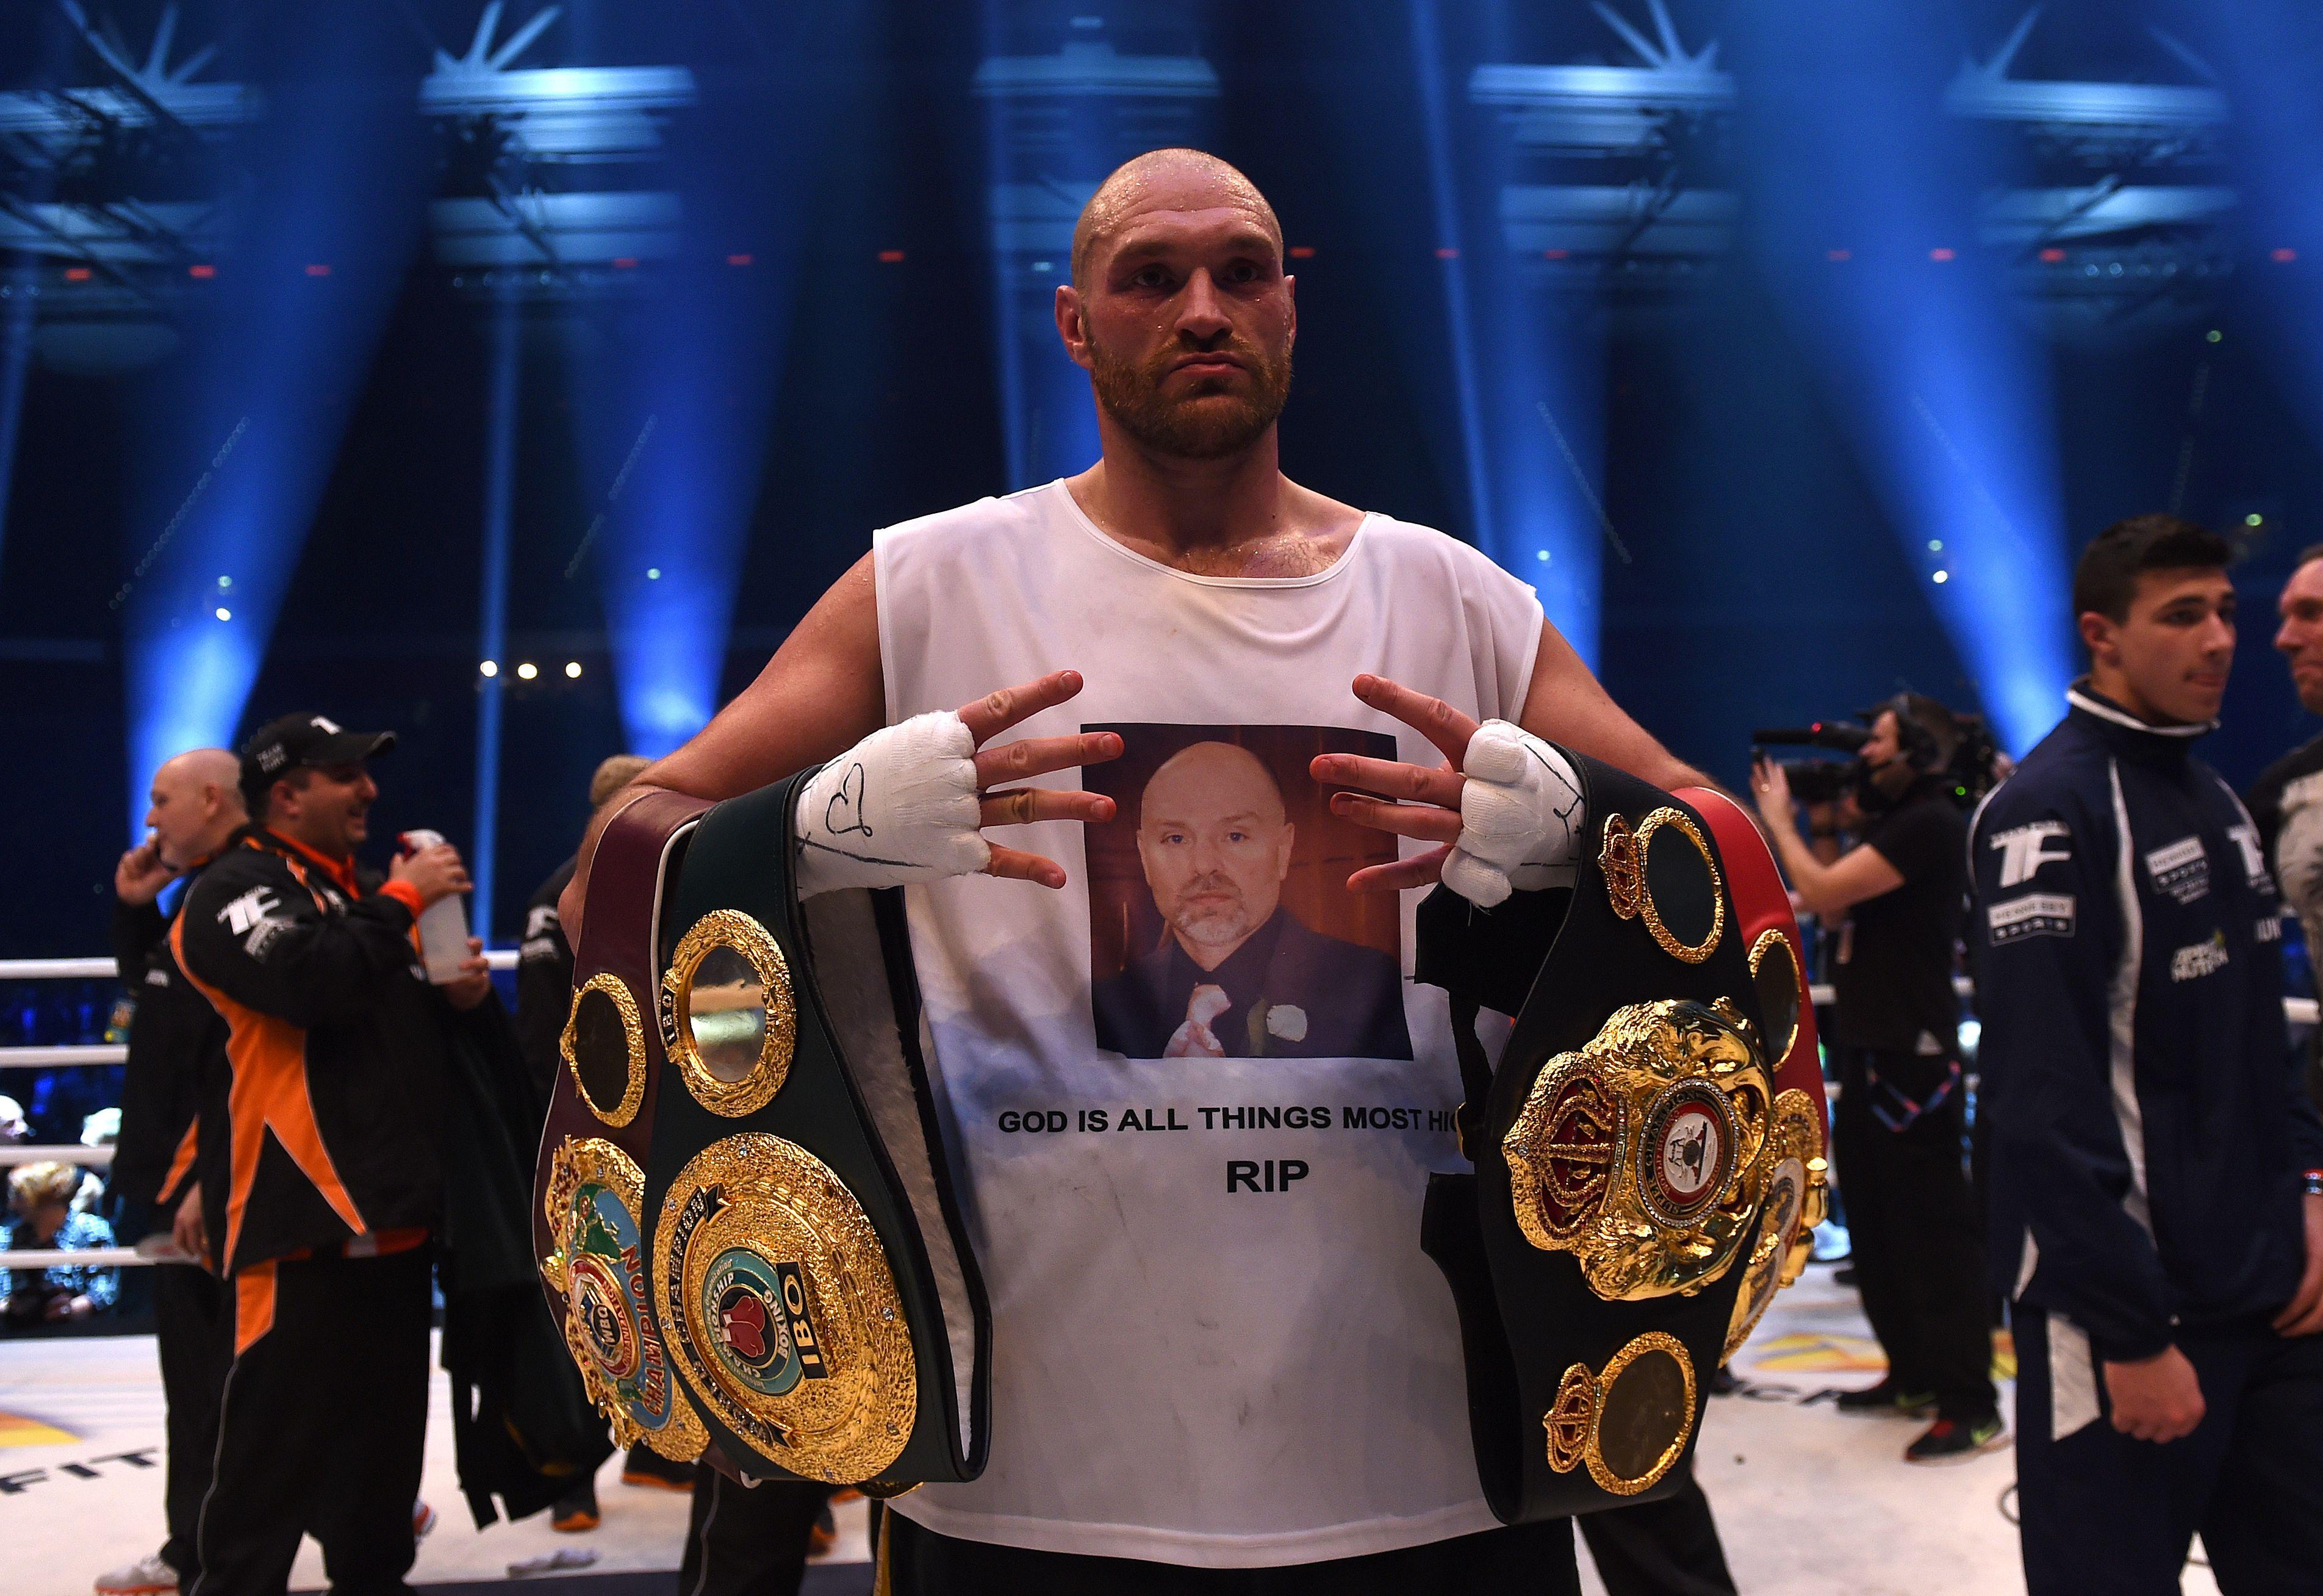 Boxe - Tyson Fury abandonne ses titres de champion du Monde